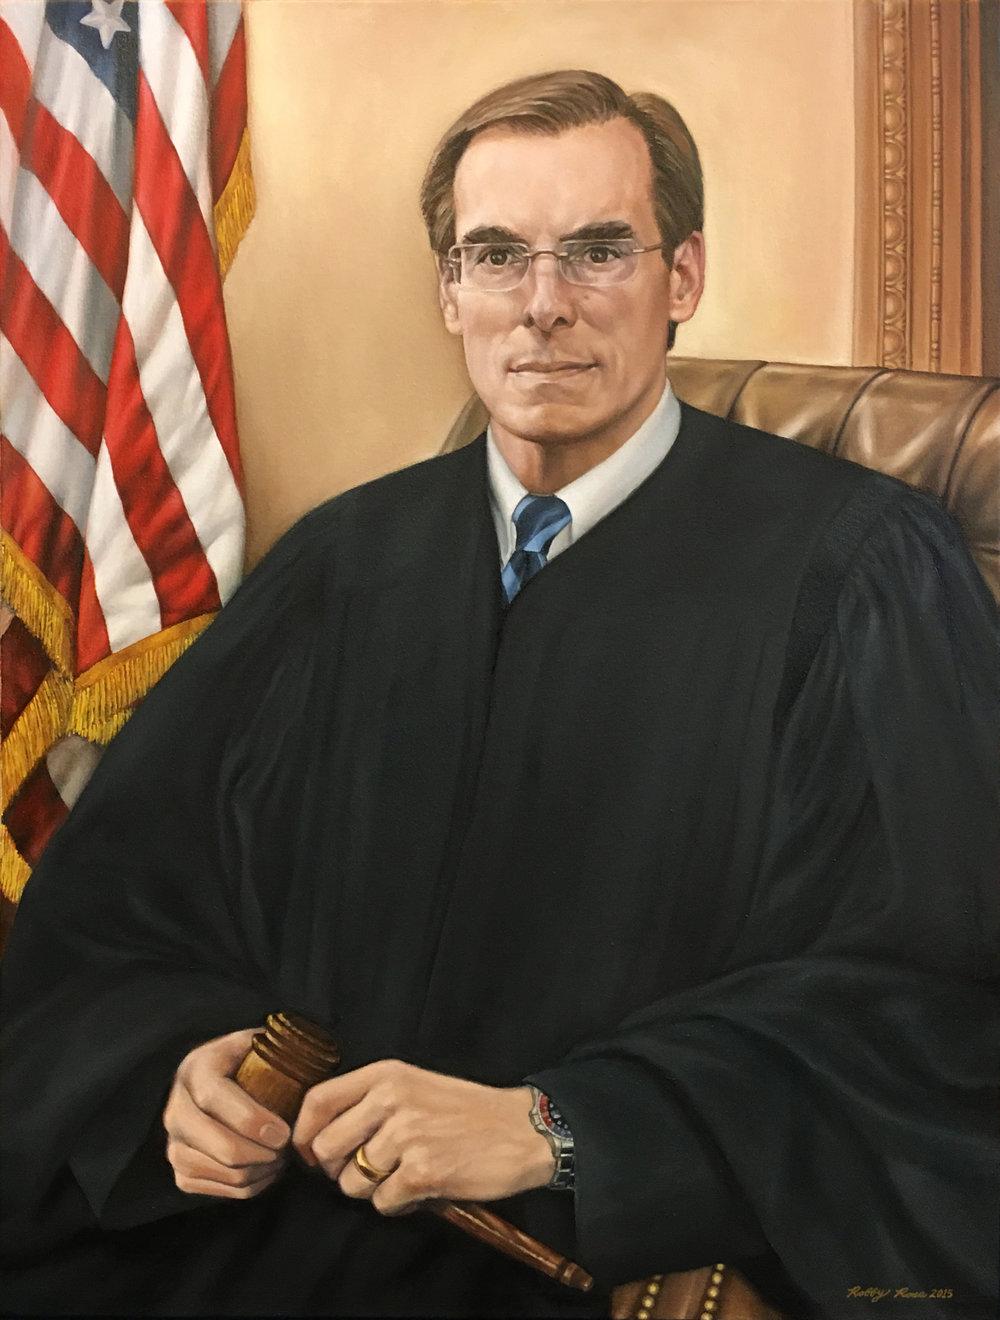 Judge Rose